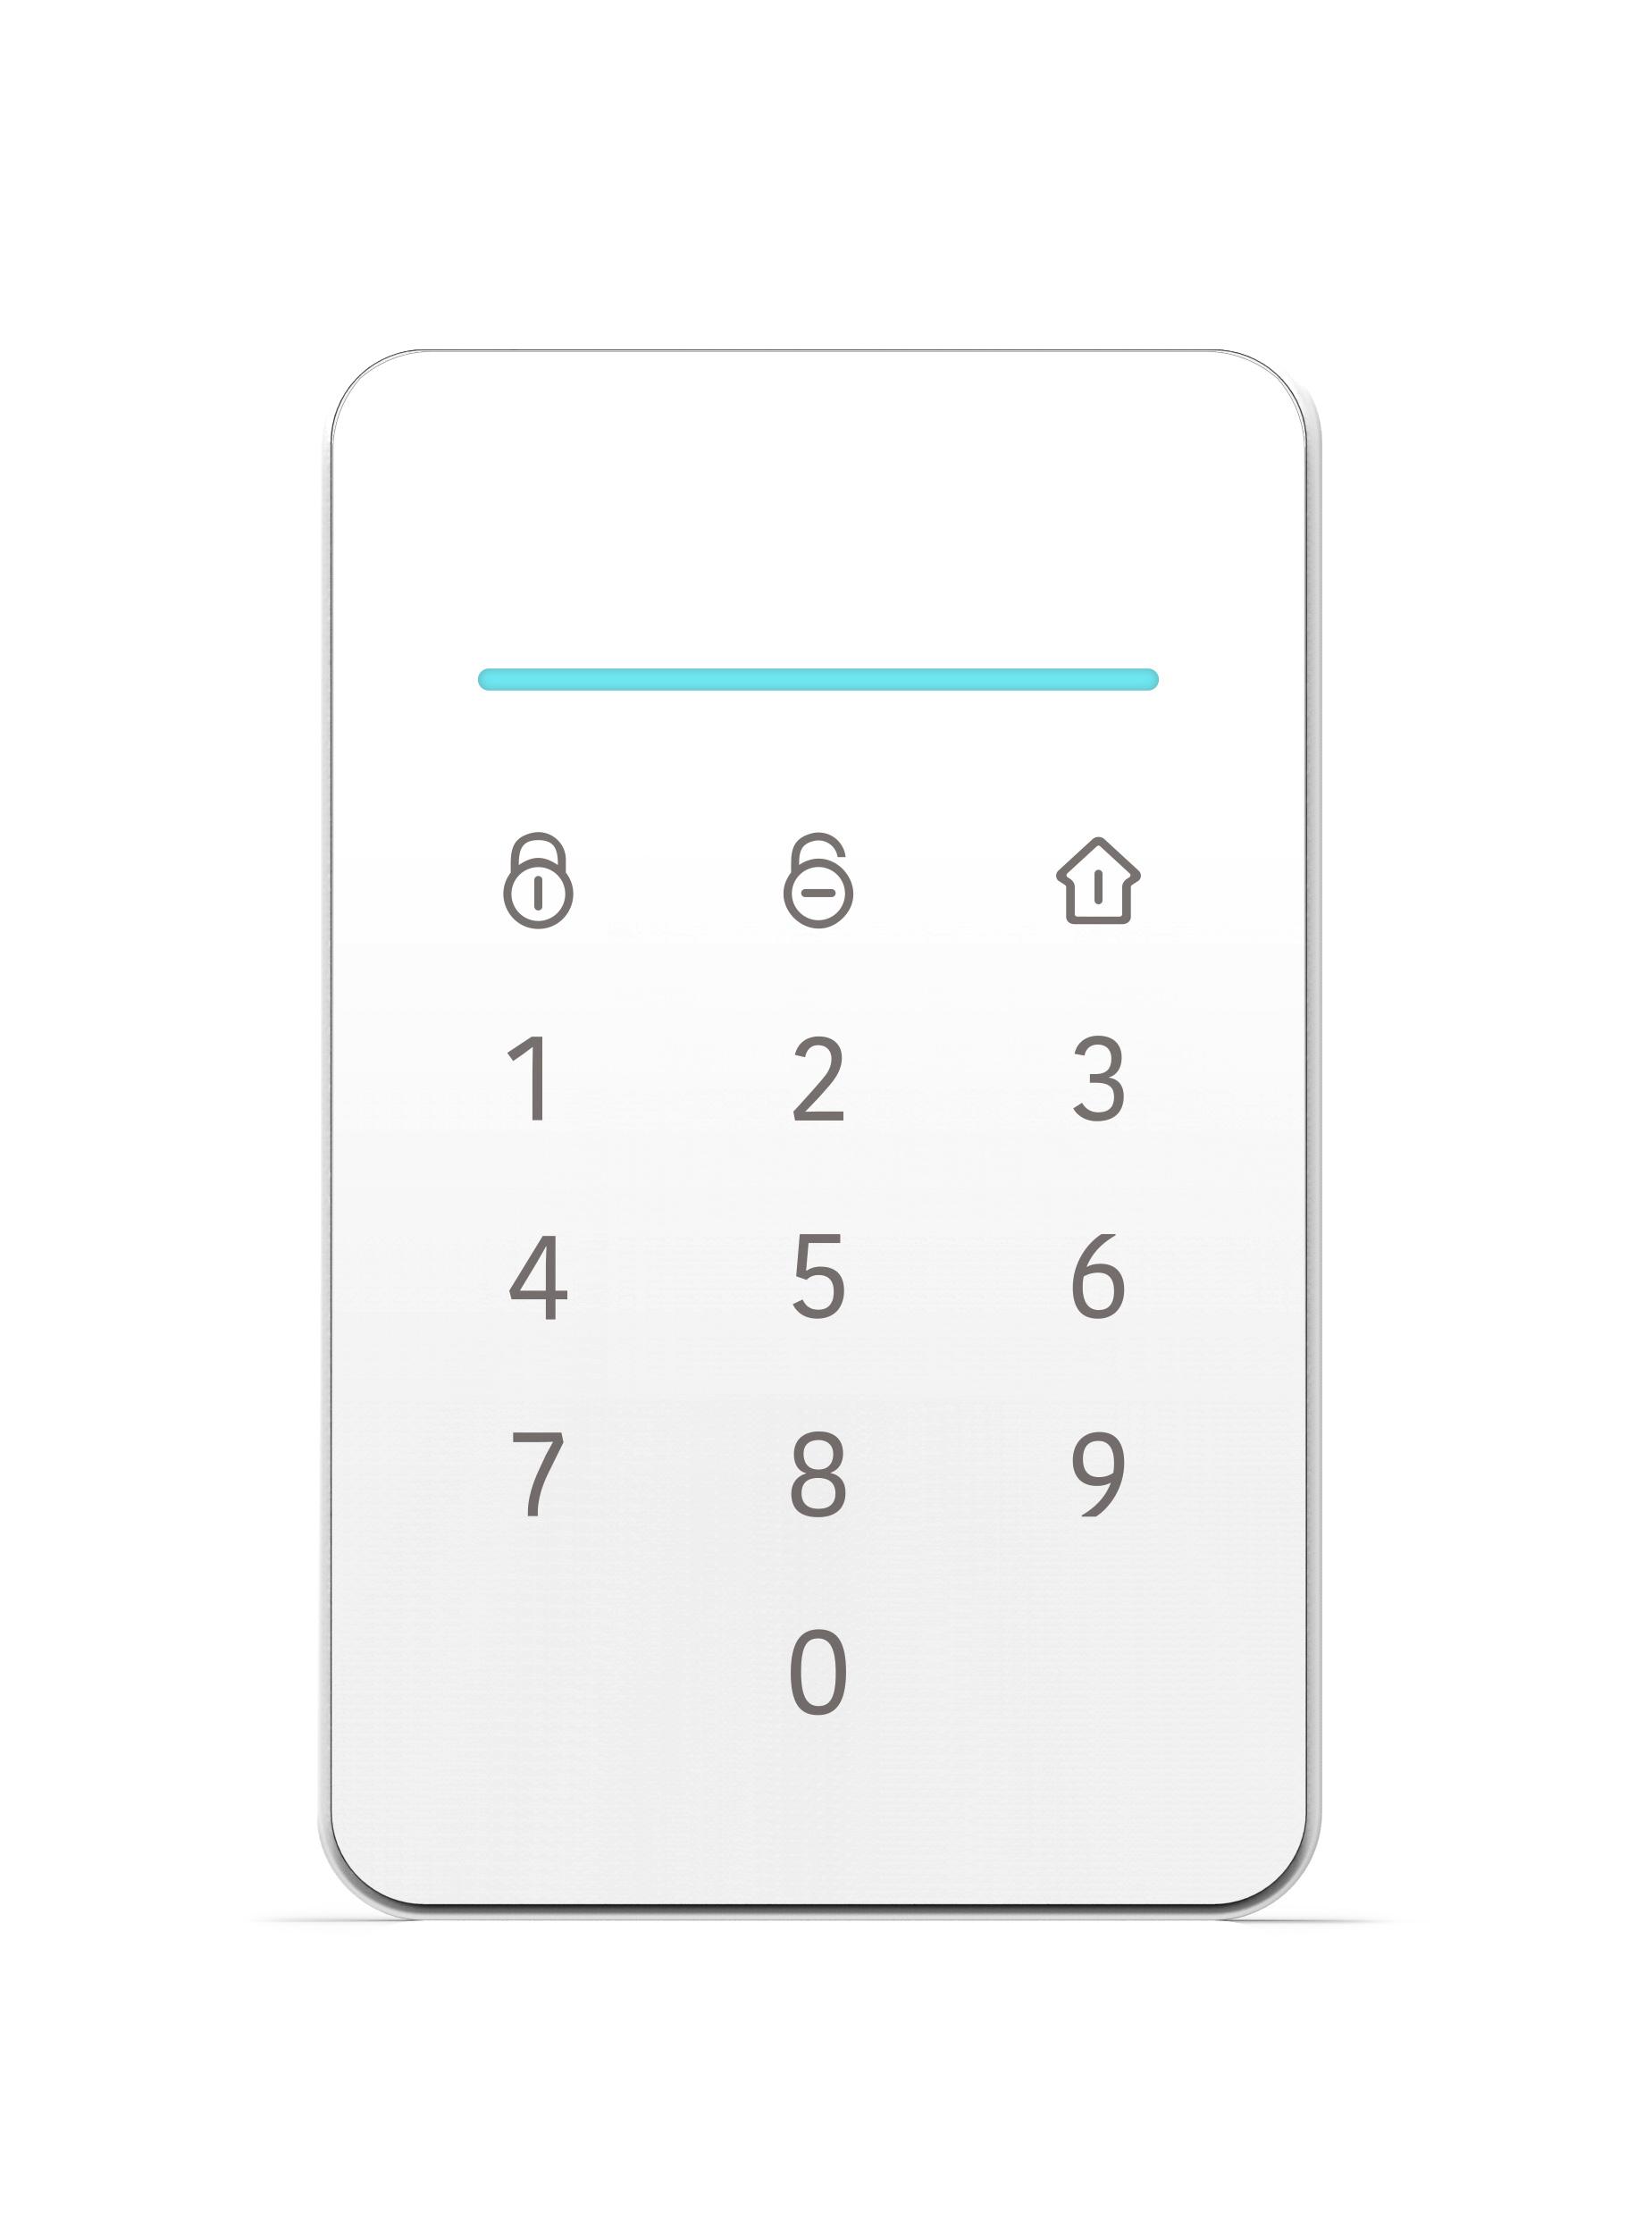 iGET SECURITY M3P13v2 - bezdrátová klávesnice s RFID čtečkou pro alarmy M3 a M4 - SECURITY M3P13v2